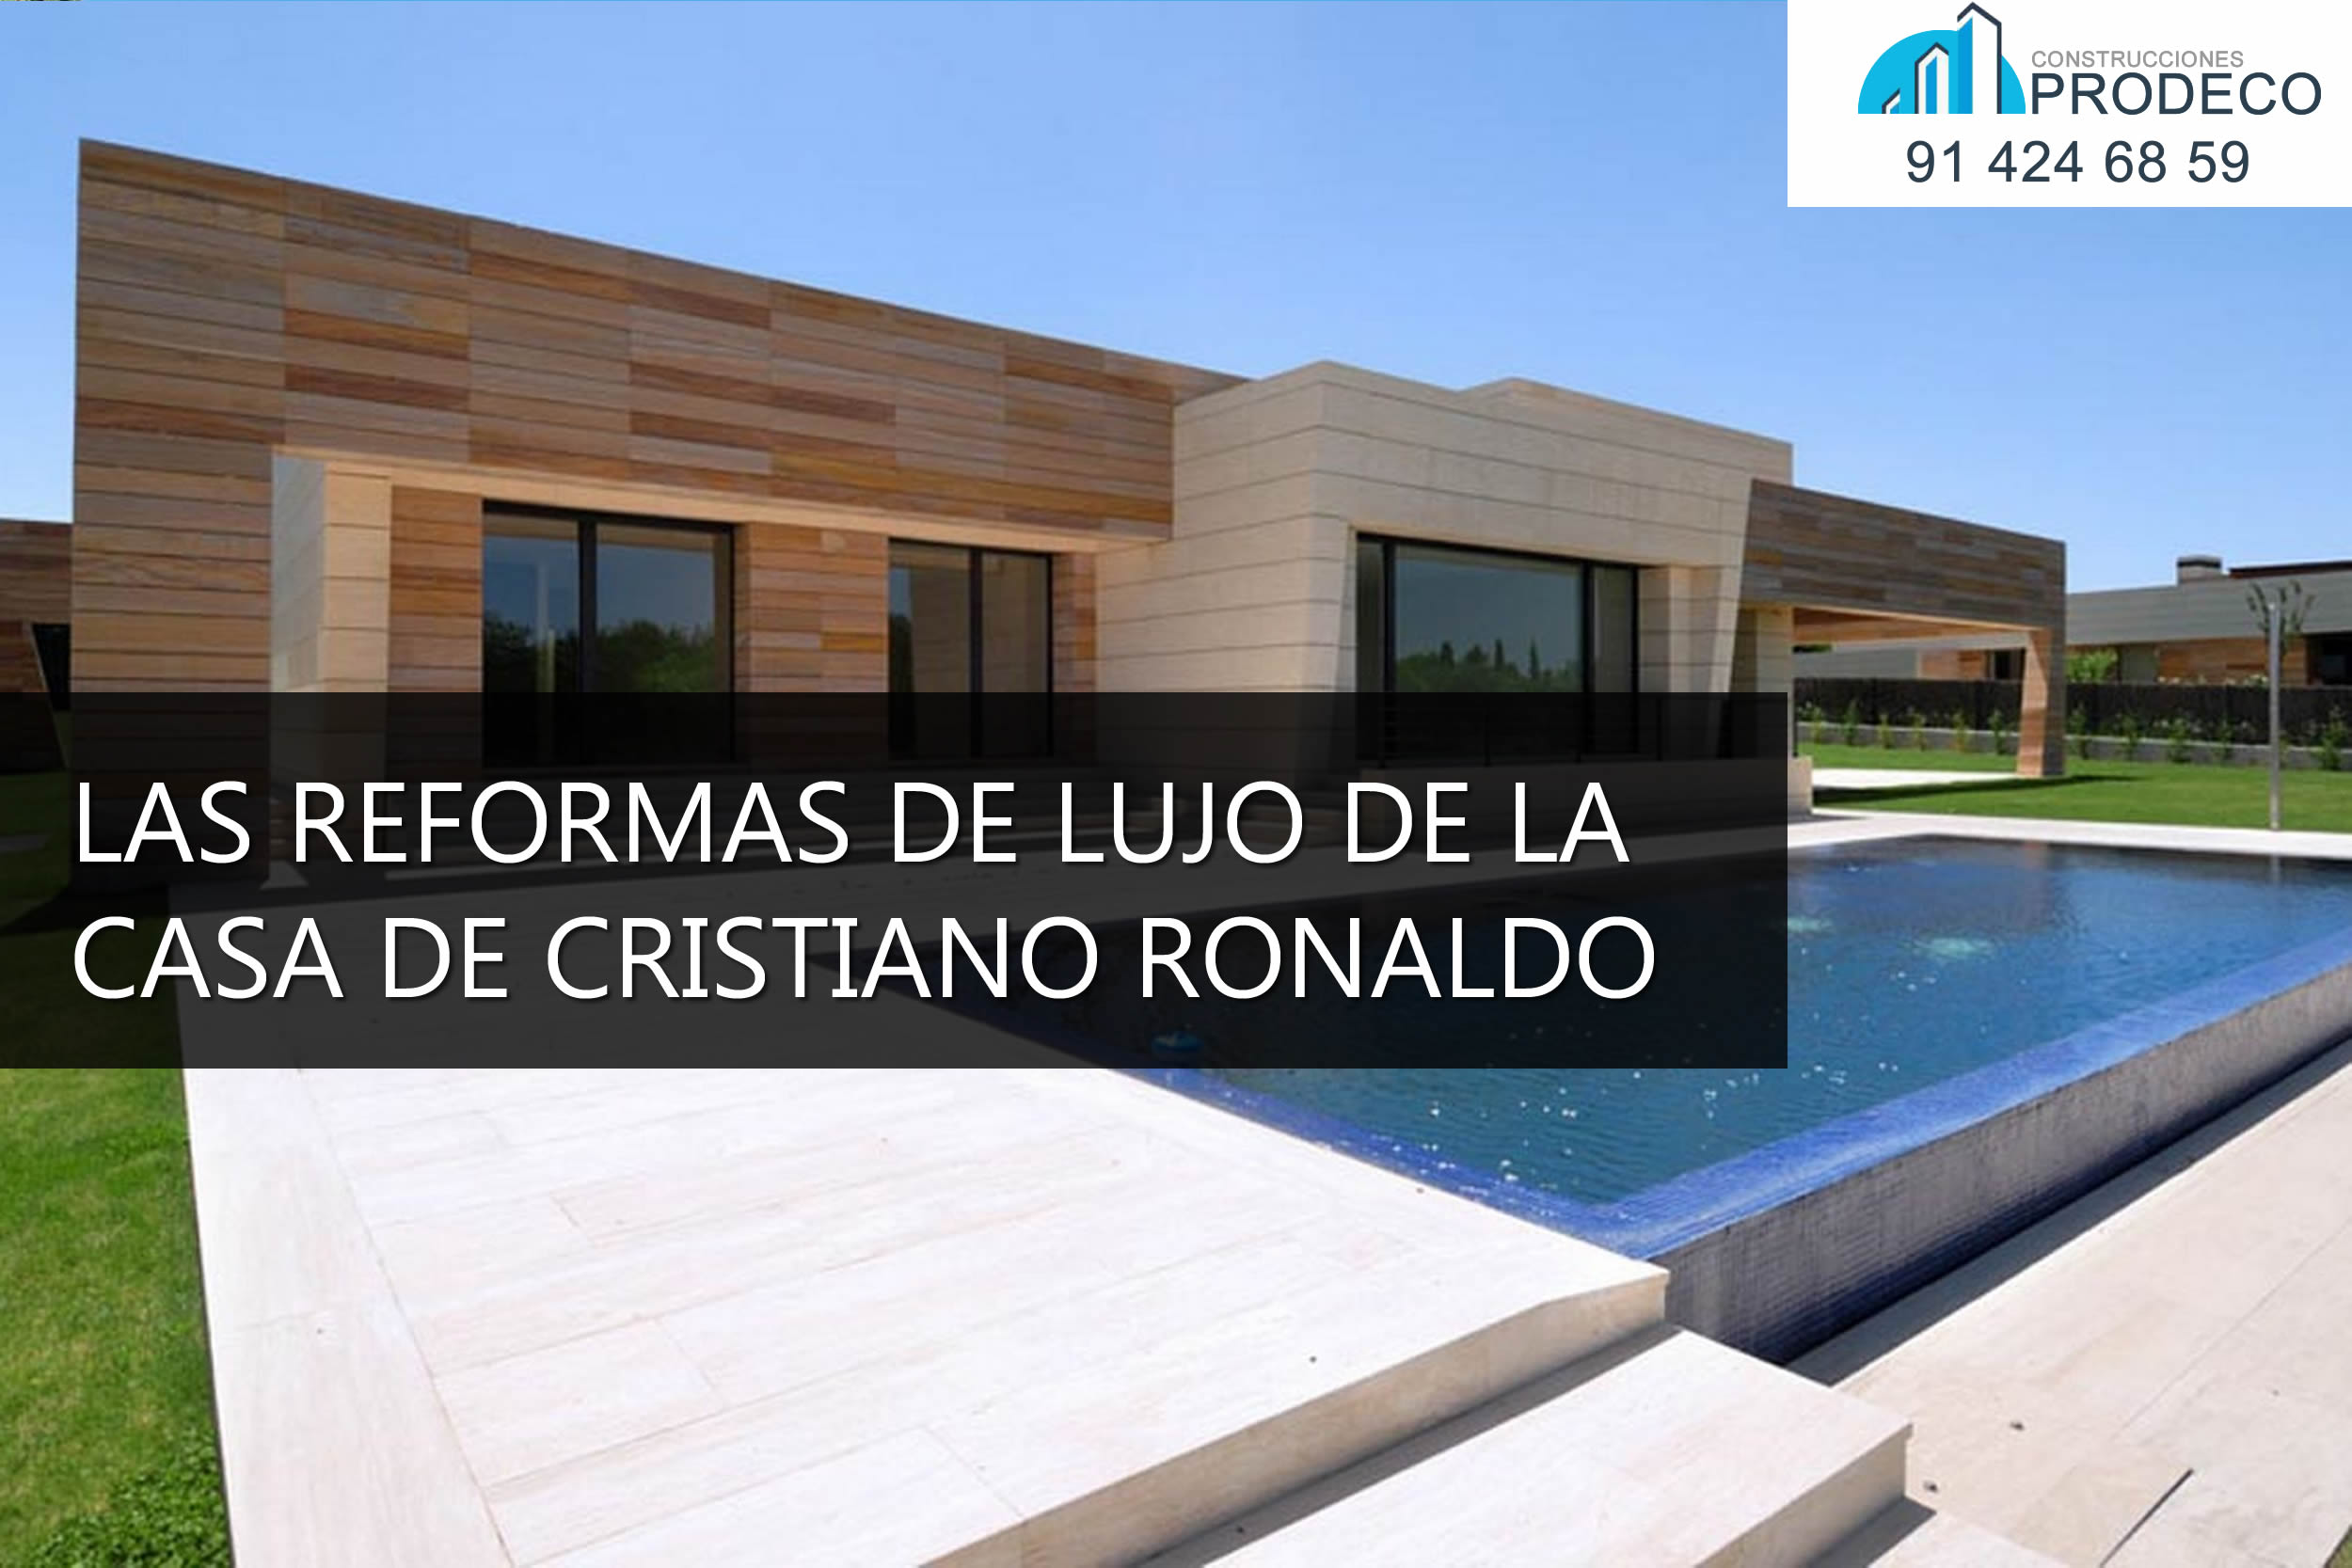 Reformas y microcementos prodeco - Fotos de la casa de cristiano ronaldo ...